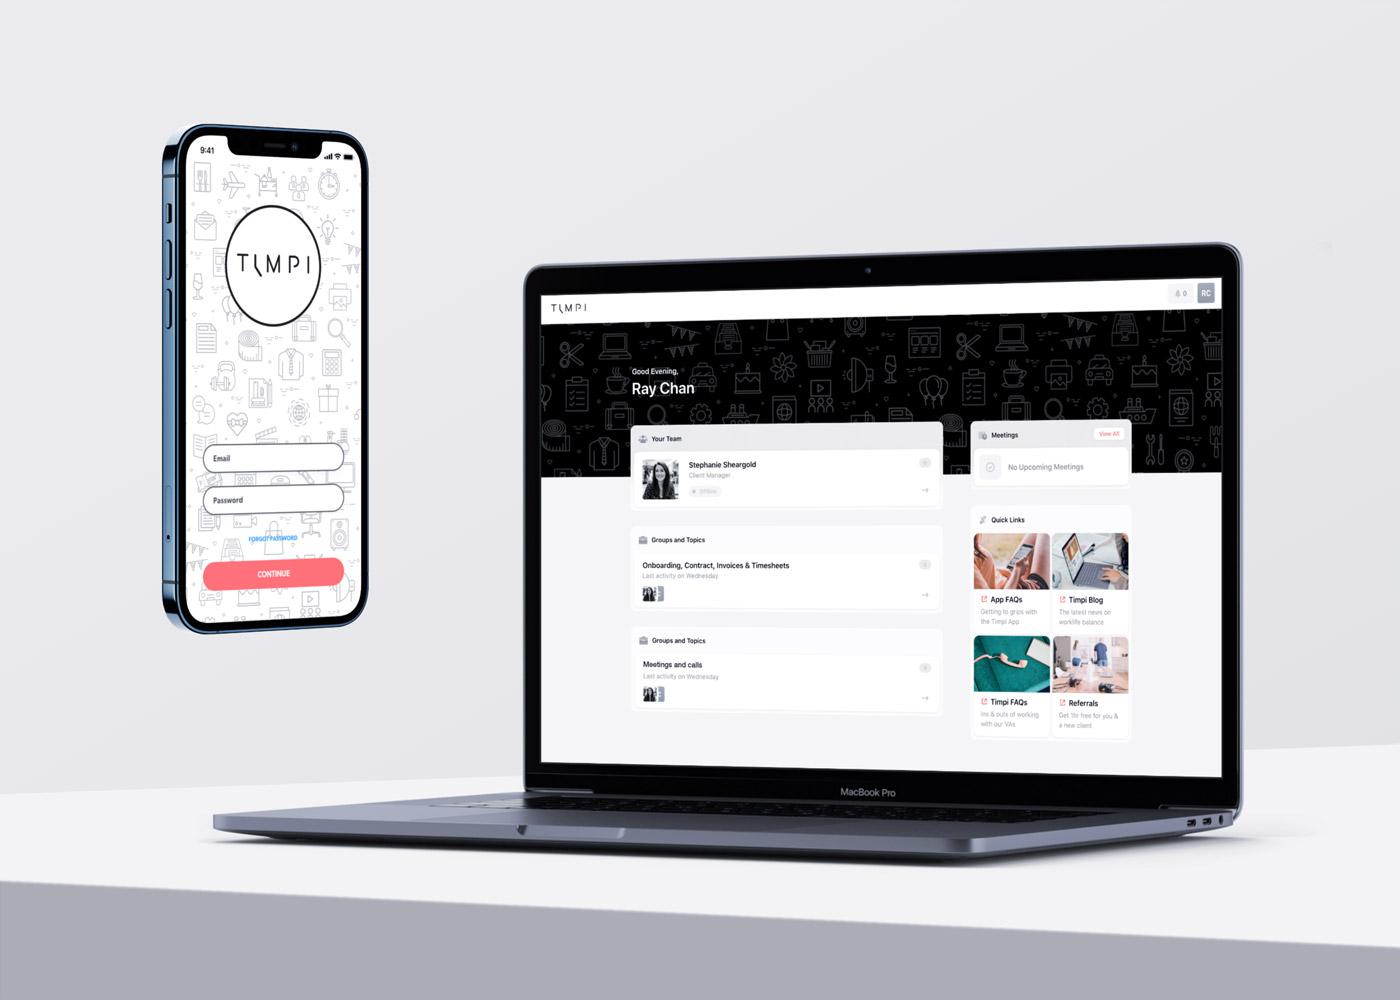 Timpi app login and desktop